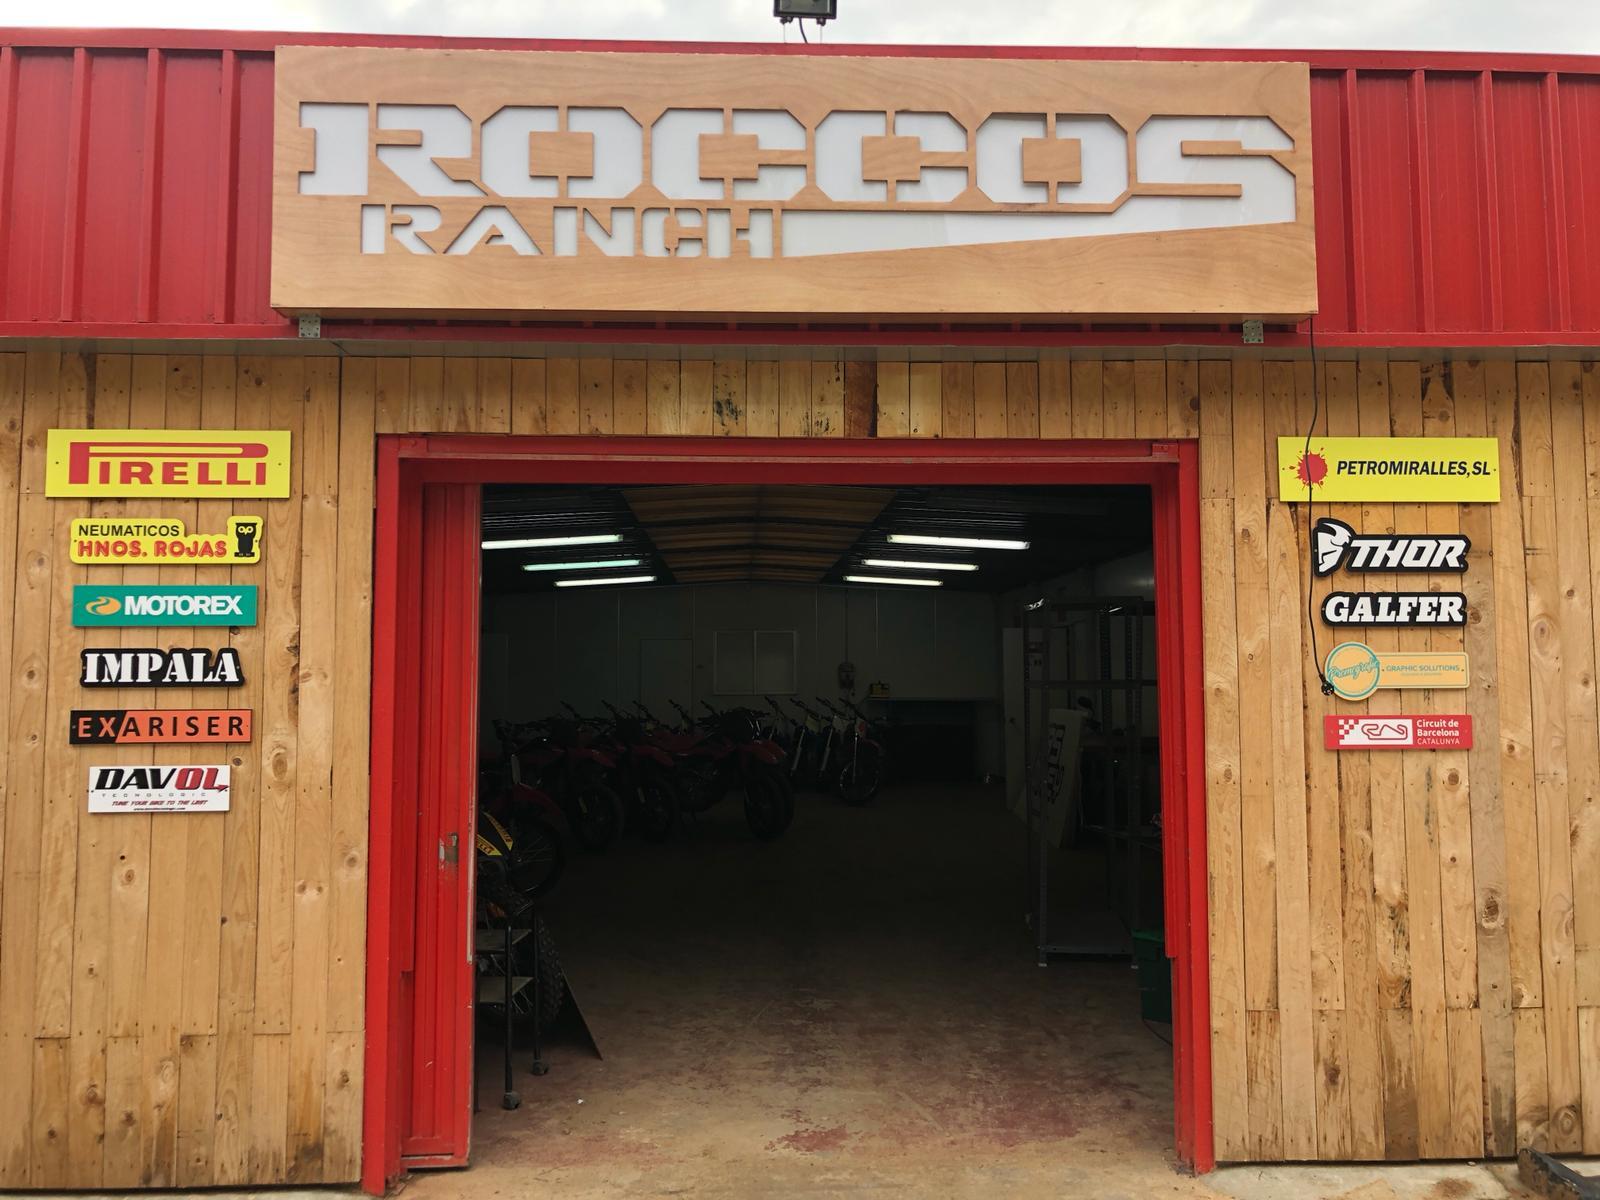 roccos_ranch